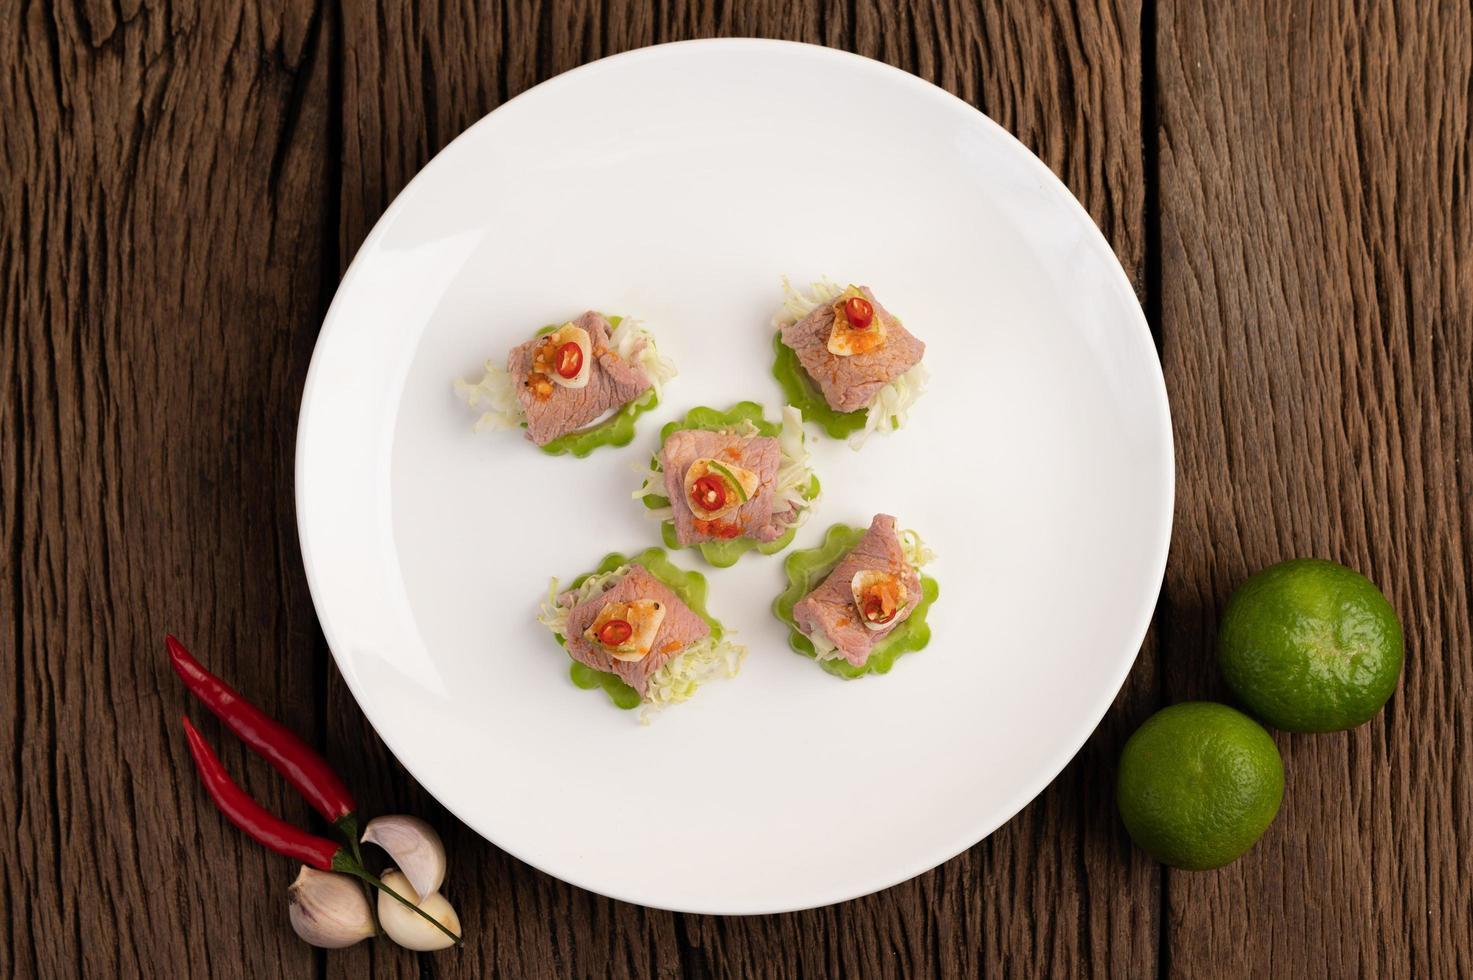 insalata di maiale piccante e delicata al lime foto